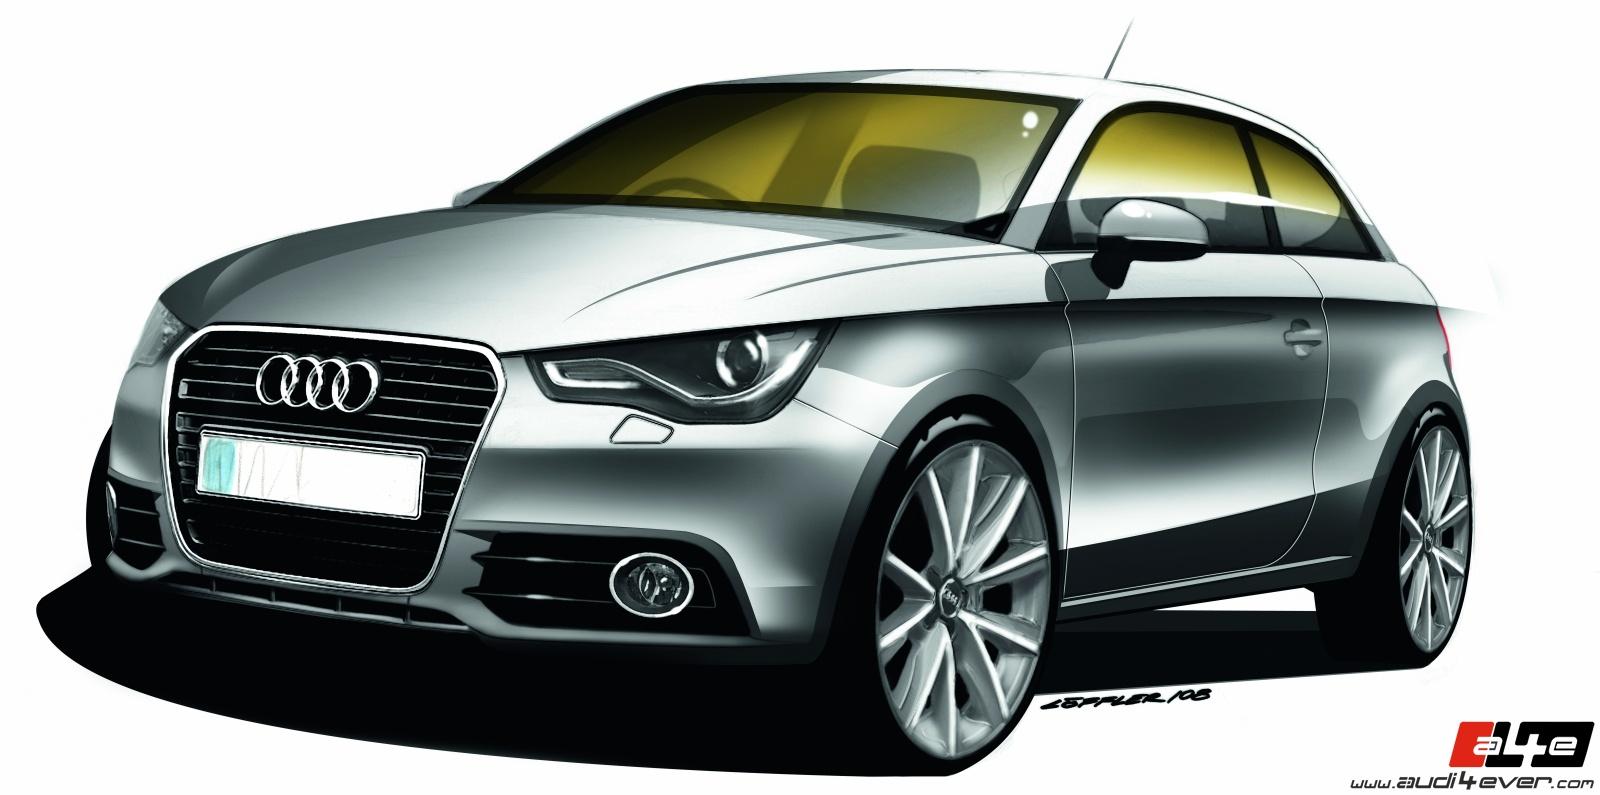 A4e Gallery Audi A1 Audi A1 Techn Zeichnungen